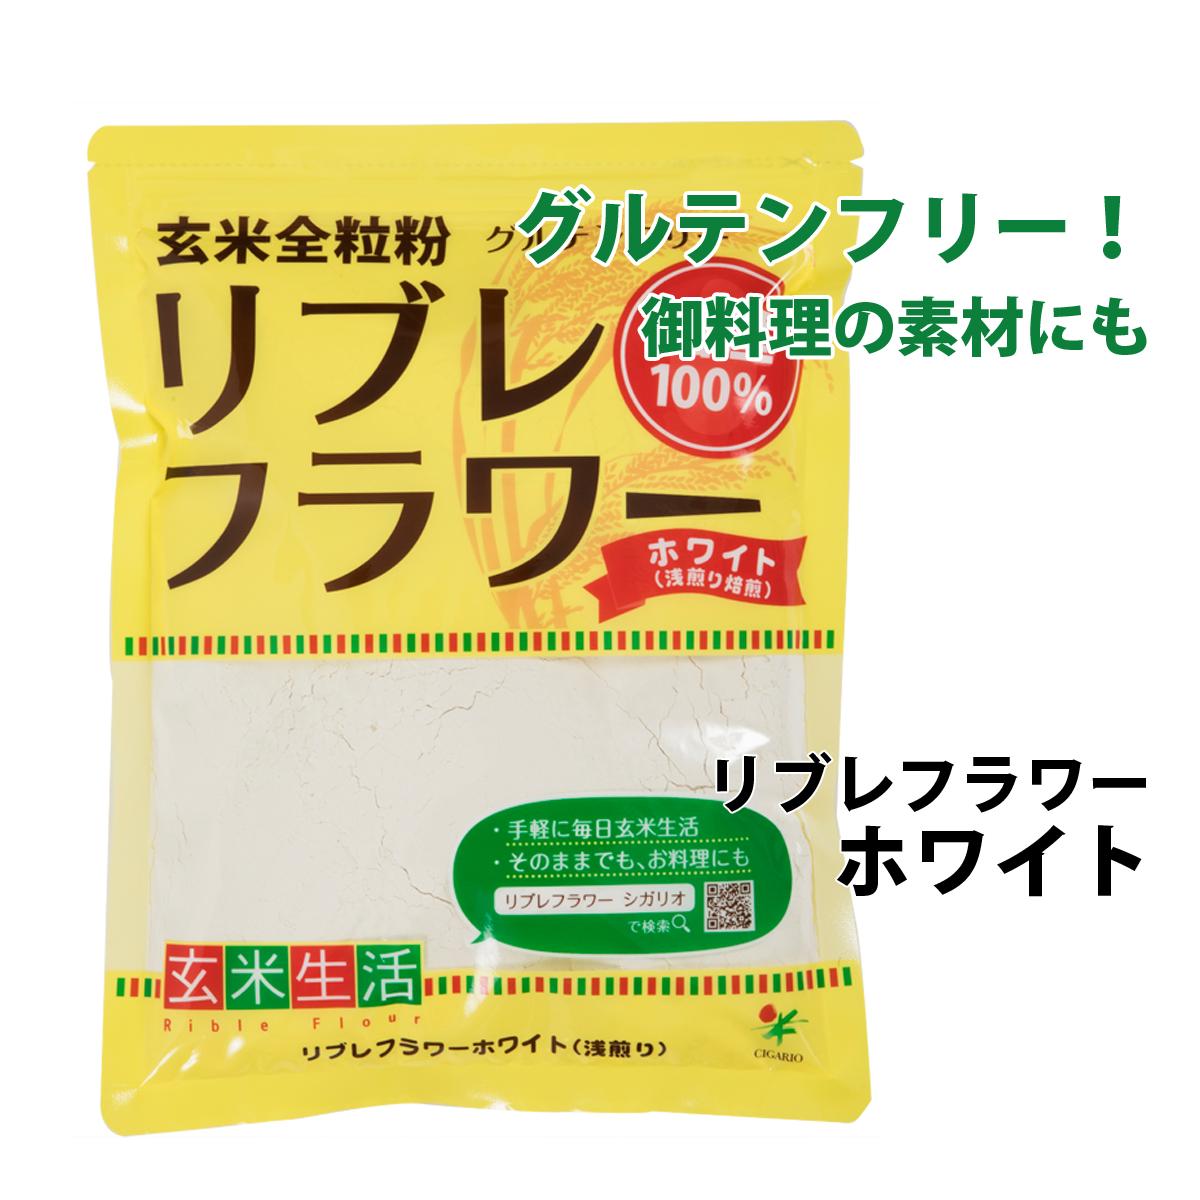 本日の目玉 玄米の栄養を手軽に 離乳食にとっても便利 小麦アレルギー グルテンフリー 低GI食品をお探しの方にピッタリ 無添加 国産玄米が原料の健康栄養食品です 10%OFF メール便可能 リブレフラワーホワイト シガリオ 国産 健康栄養食品 プレゼント 薄力粉 低GI 米粉 強力粉 お菓子 パン 父の日 小麦粉 粉 グルテンフリーダイエット